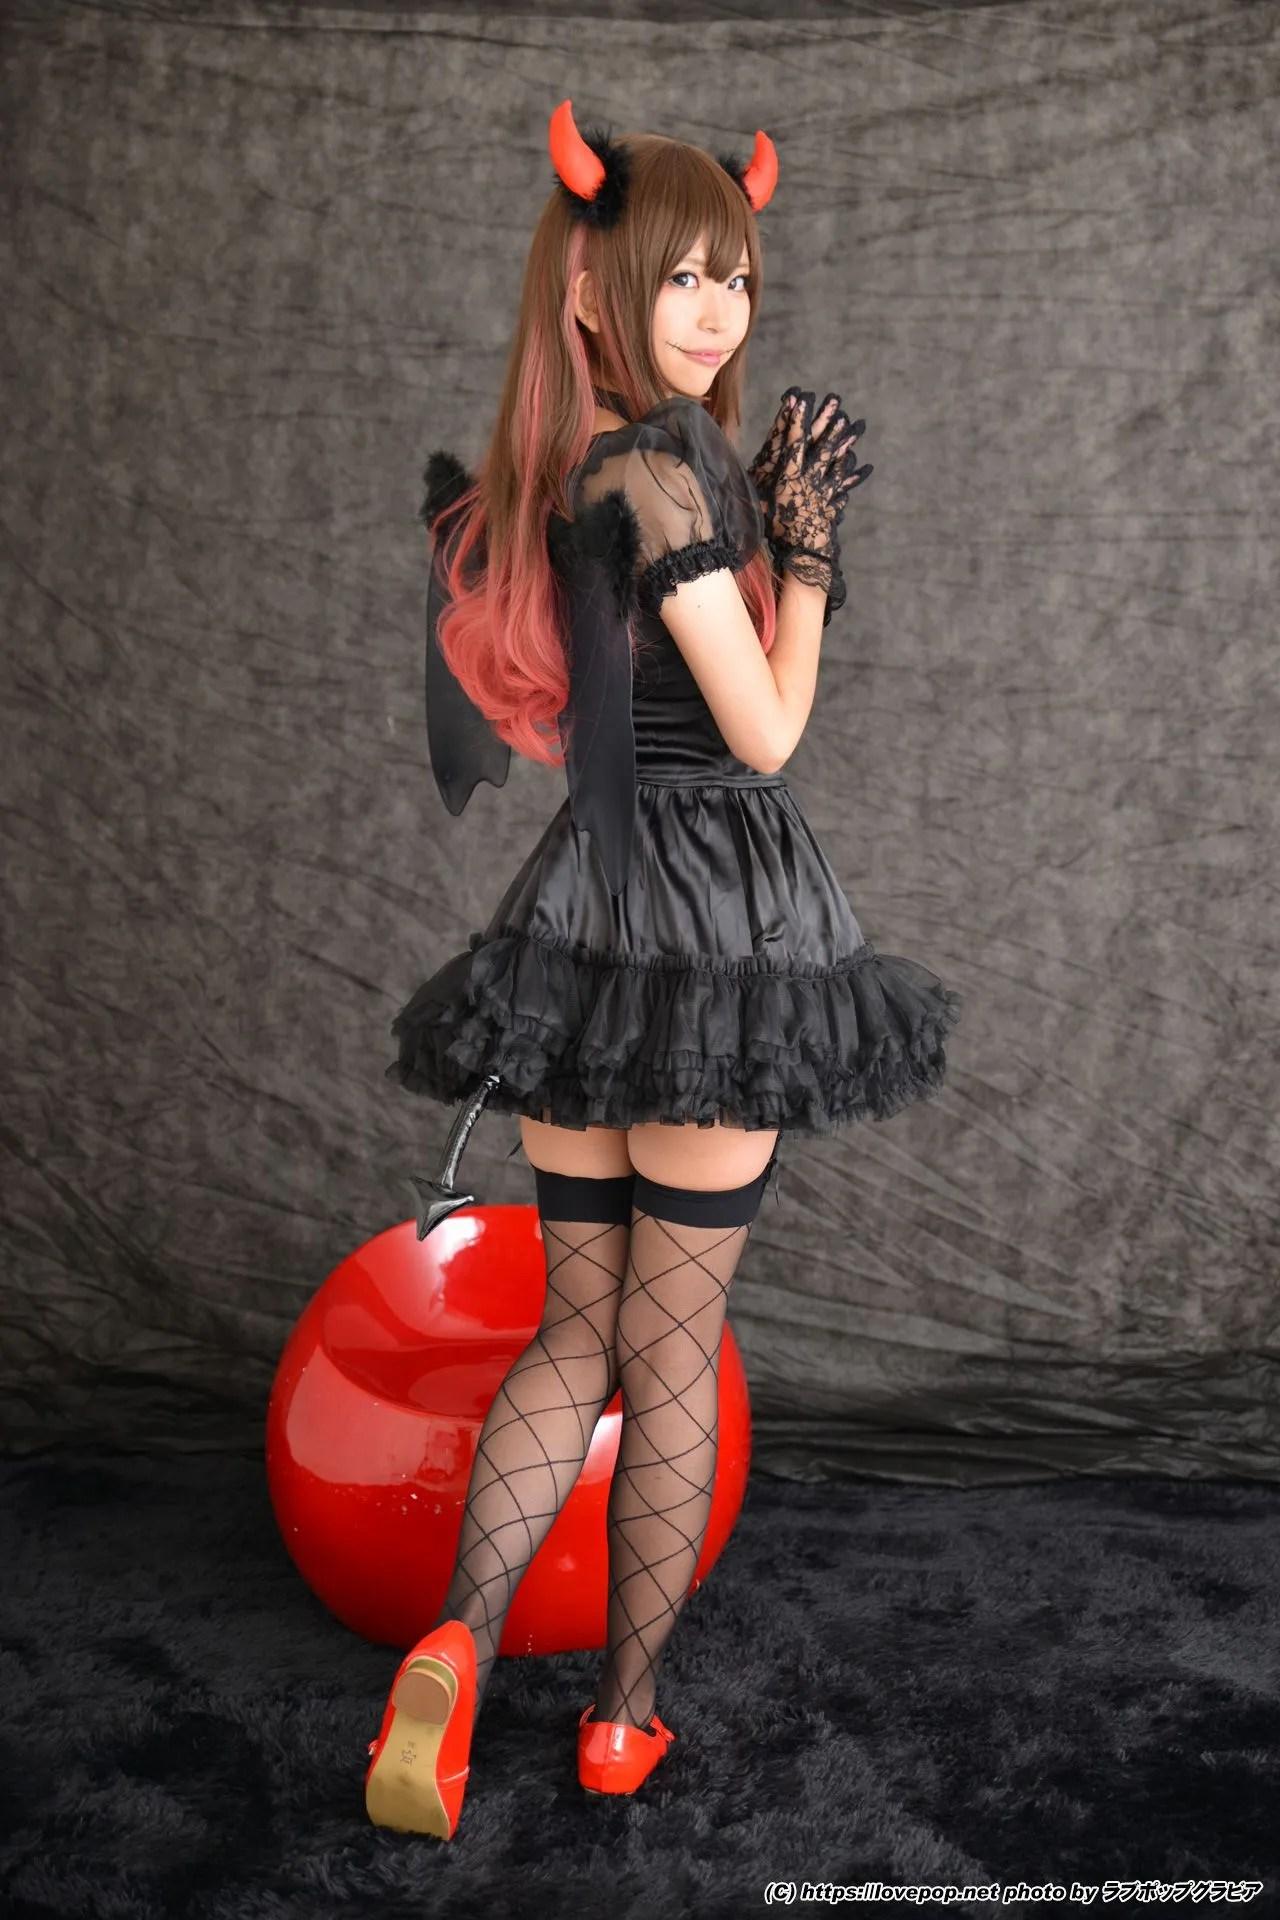 甘栗いるふ Irufu Amaguri Photoset 05 [LOVEPOP] 写真集[42P]插图(11)